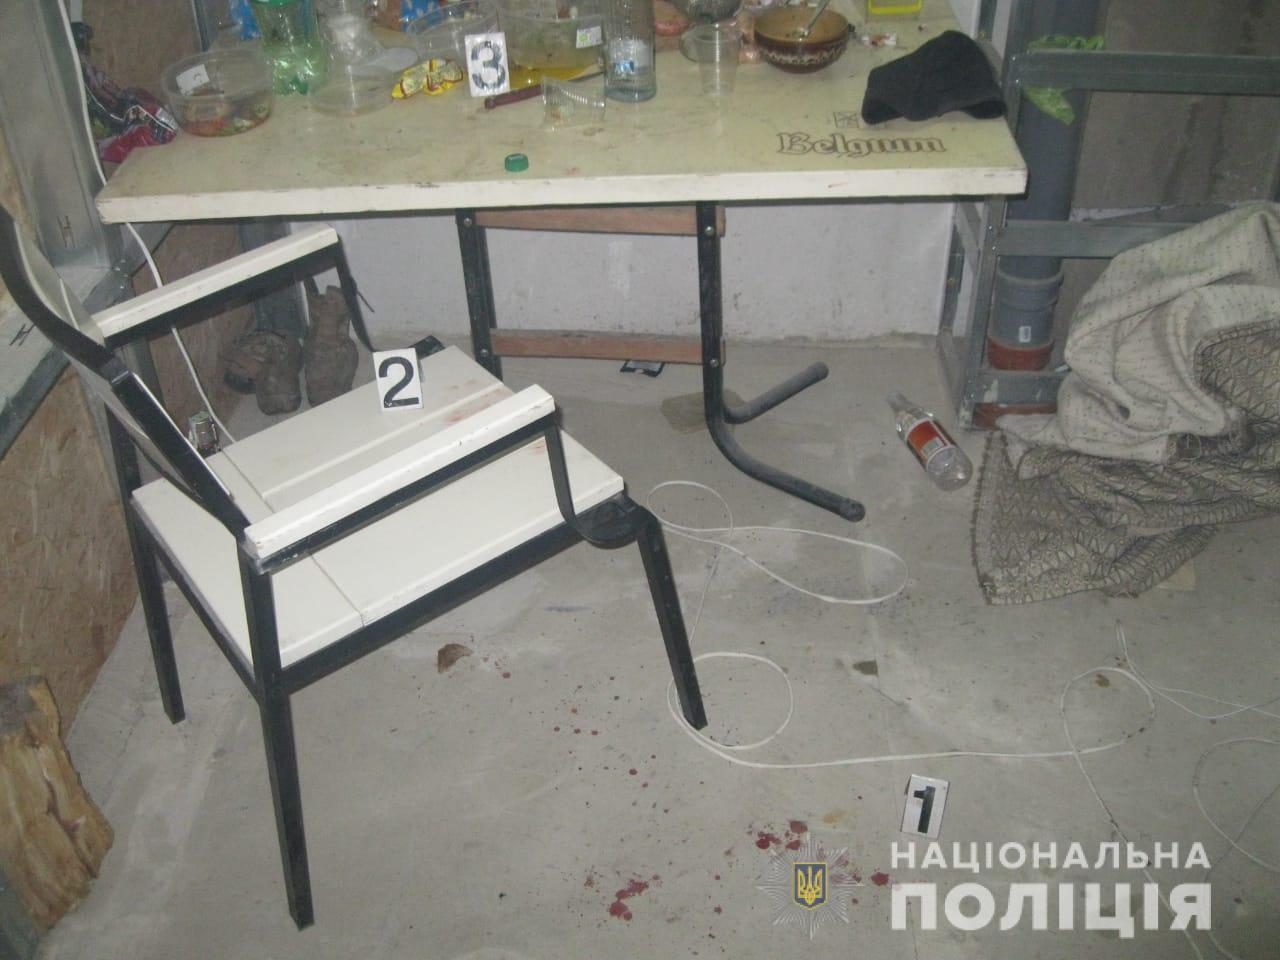 Отдых приятелей на Старом Салтове закончился в больнице и в участке